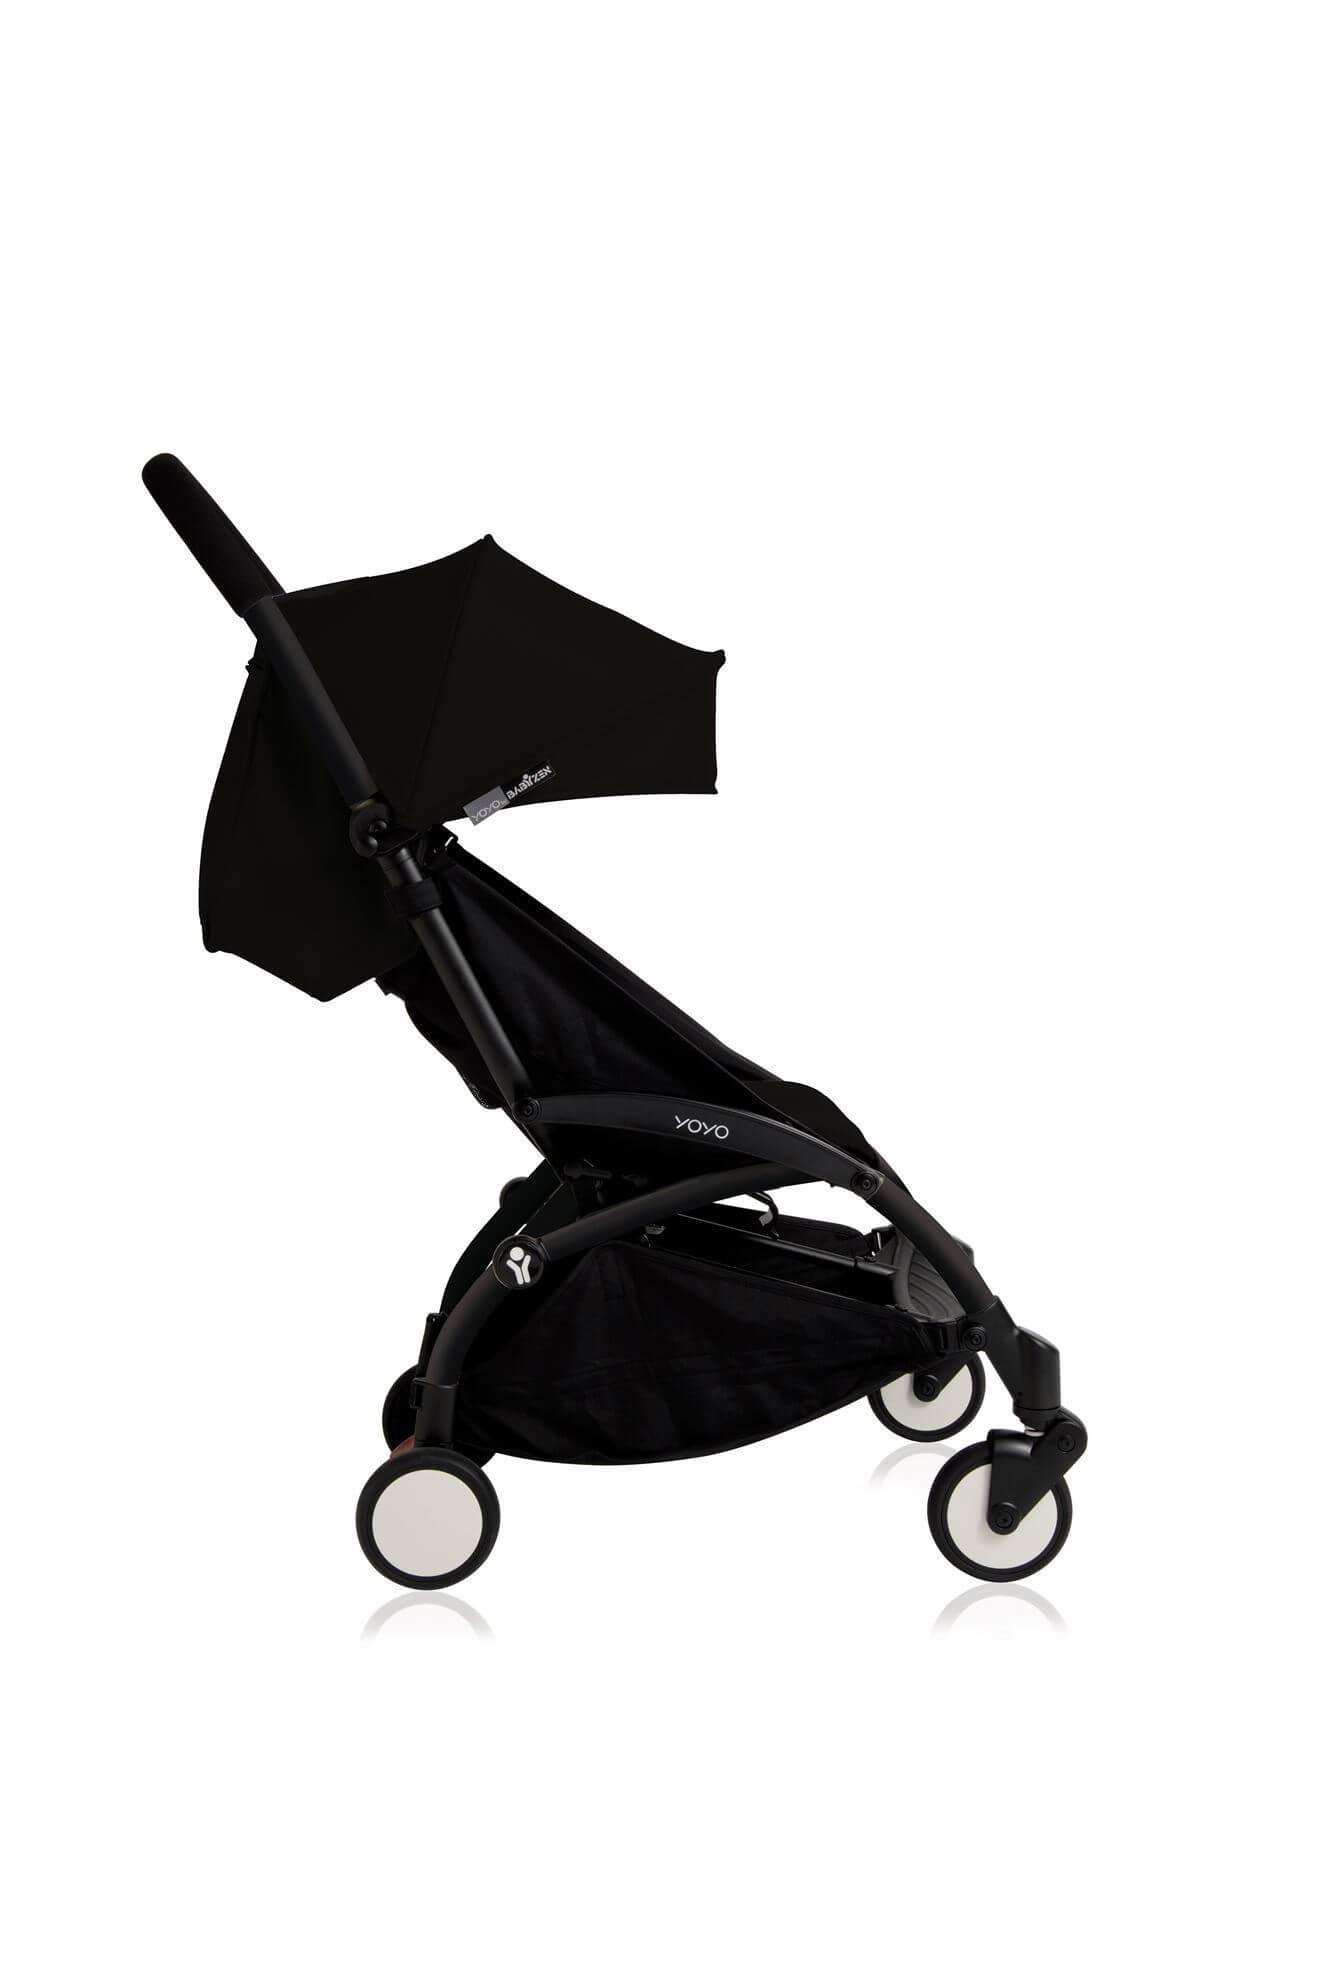 טיולון לתינוק יויו פלוס Yoyo Plus מבית בייביזן Babyzen בצבע שחור